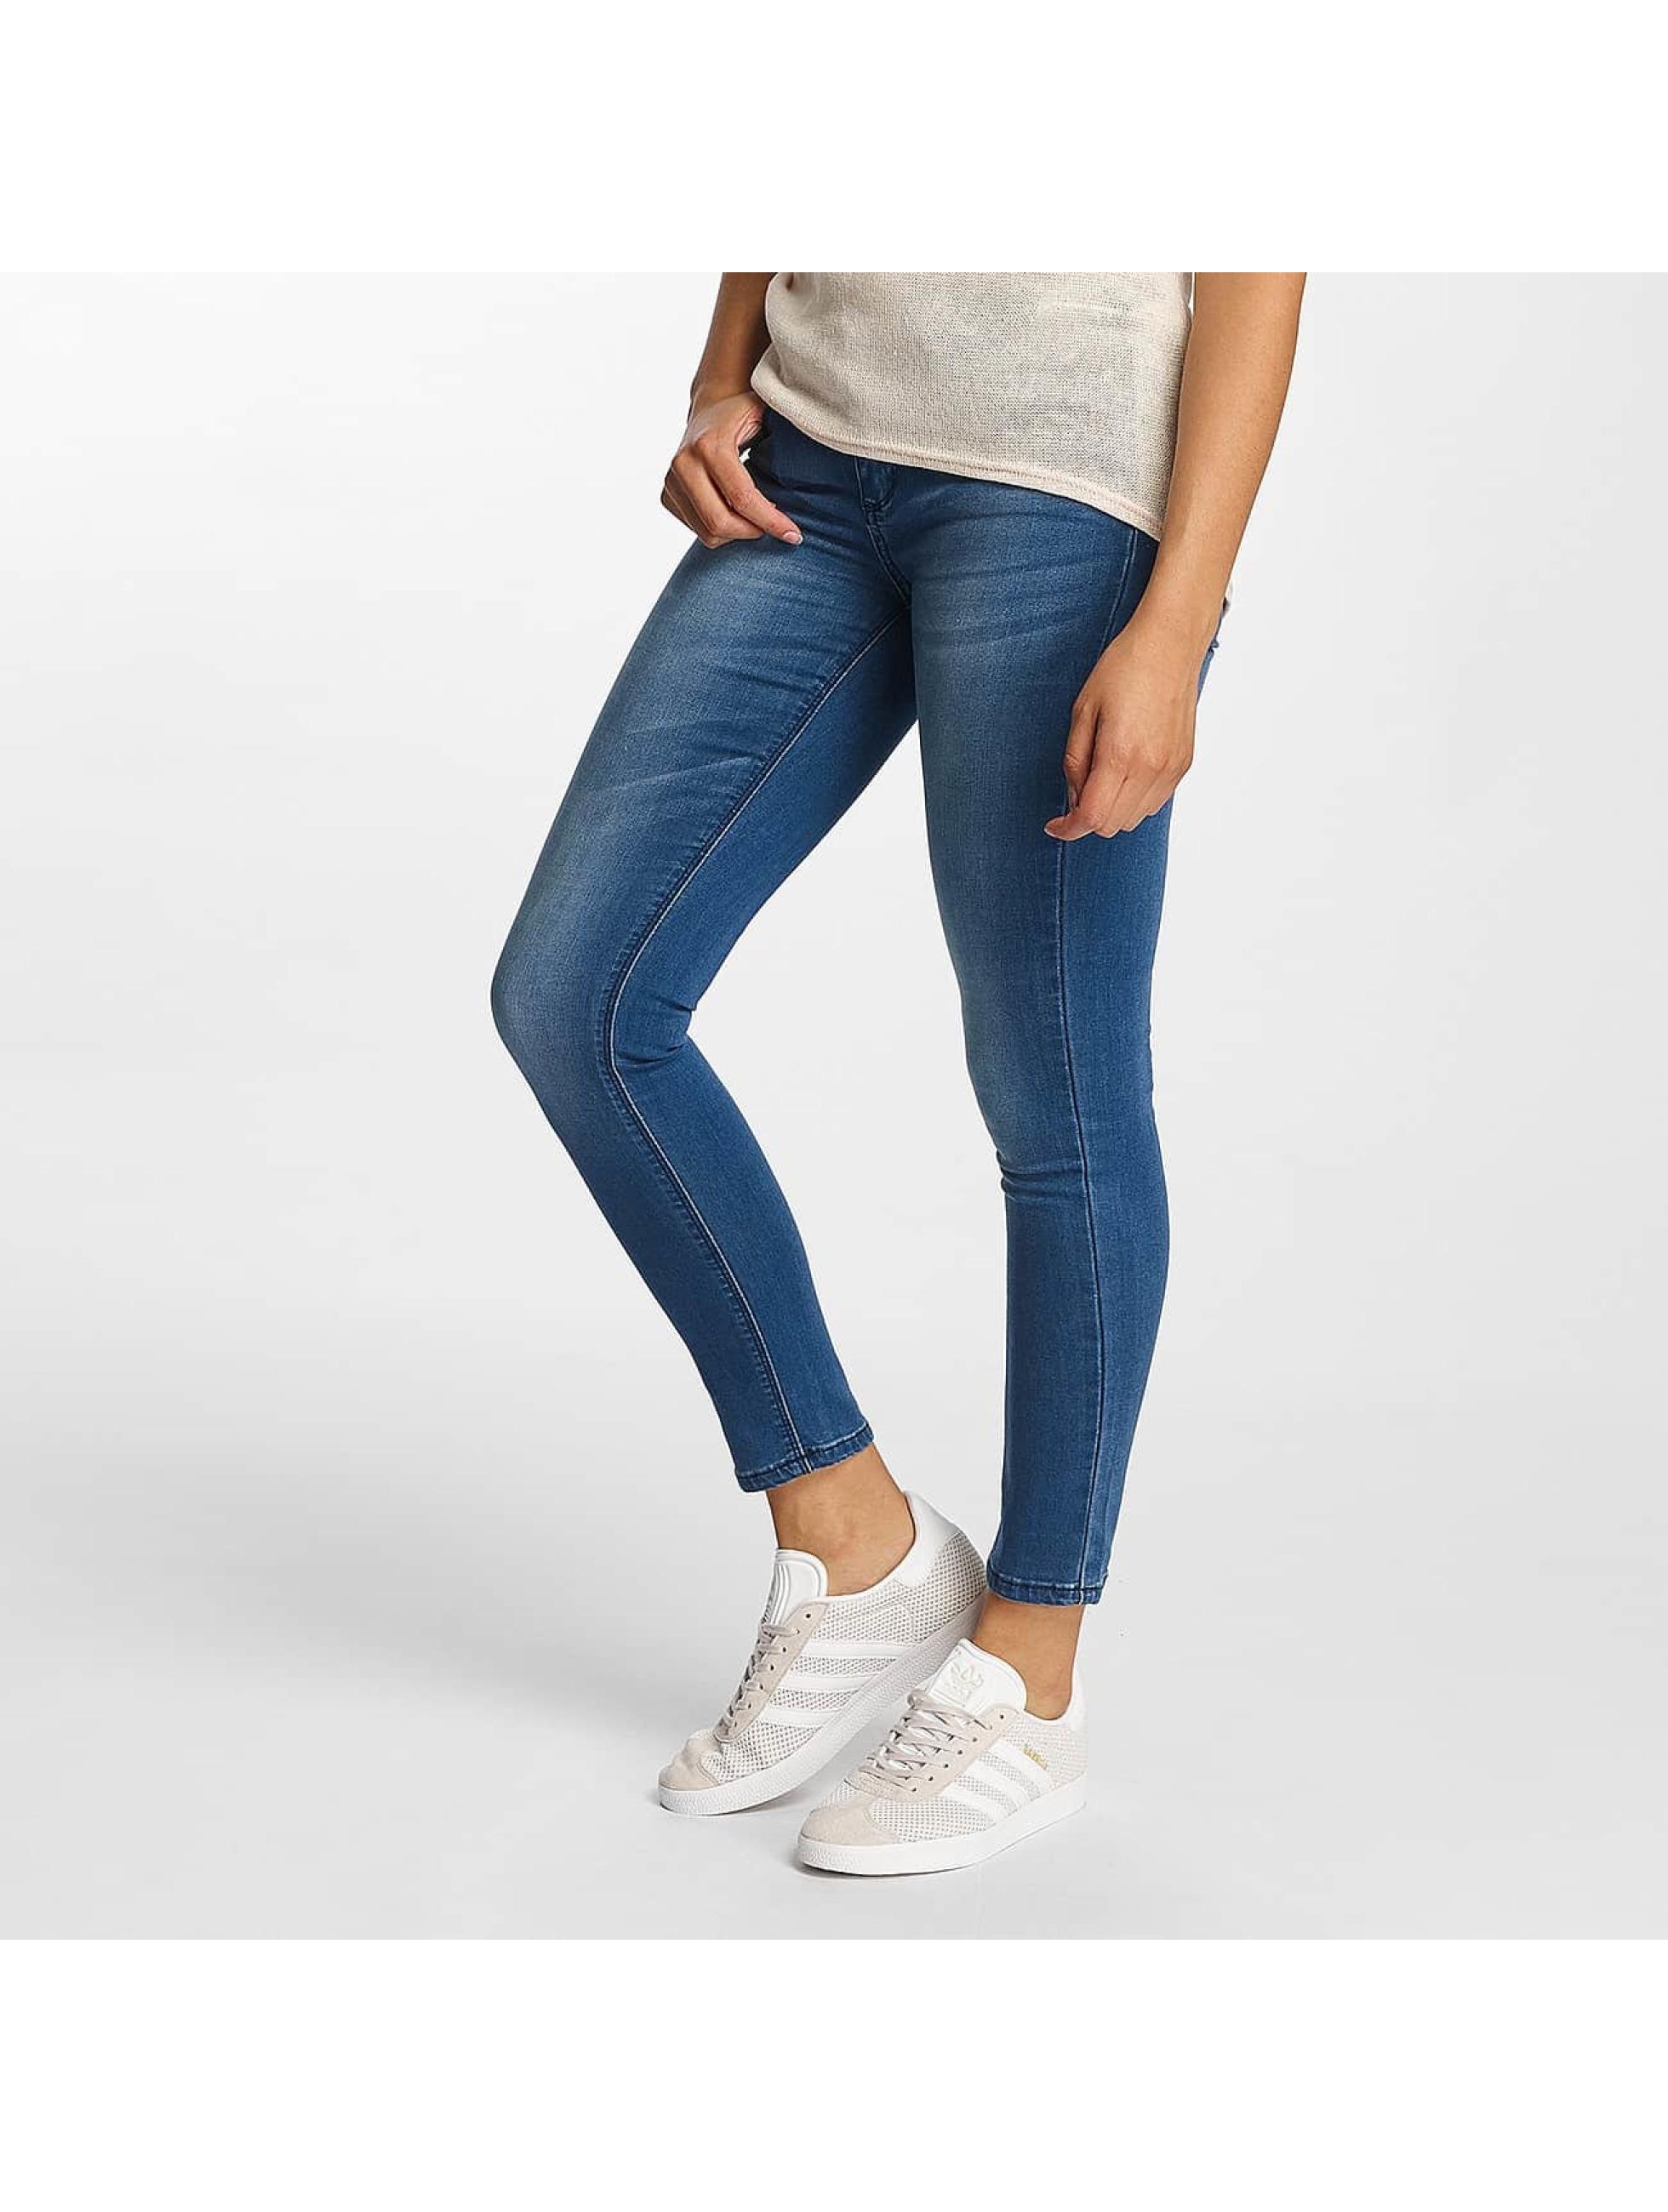 Hailys Облегающие джинсы Mia Basic синий